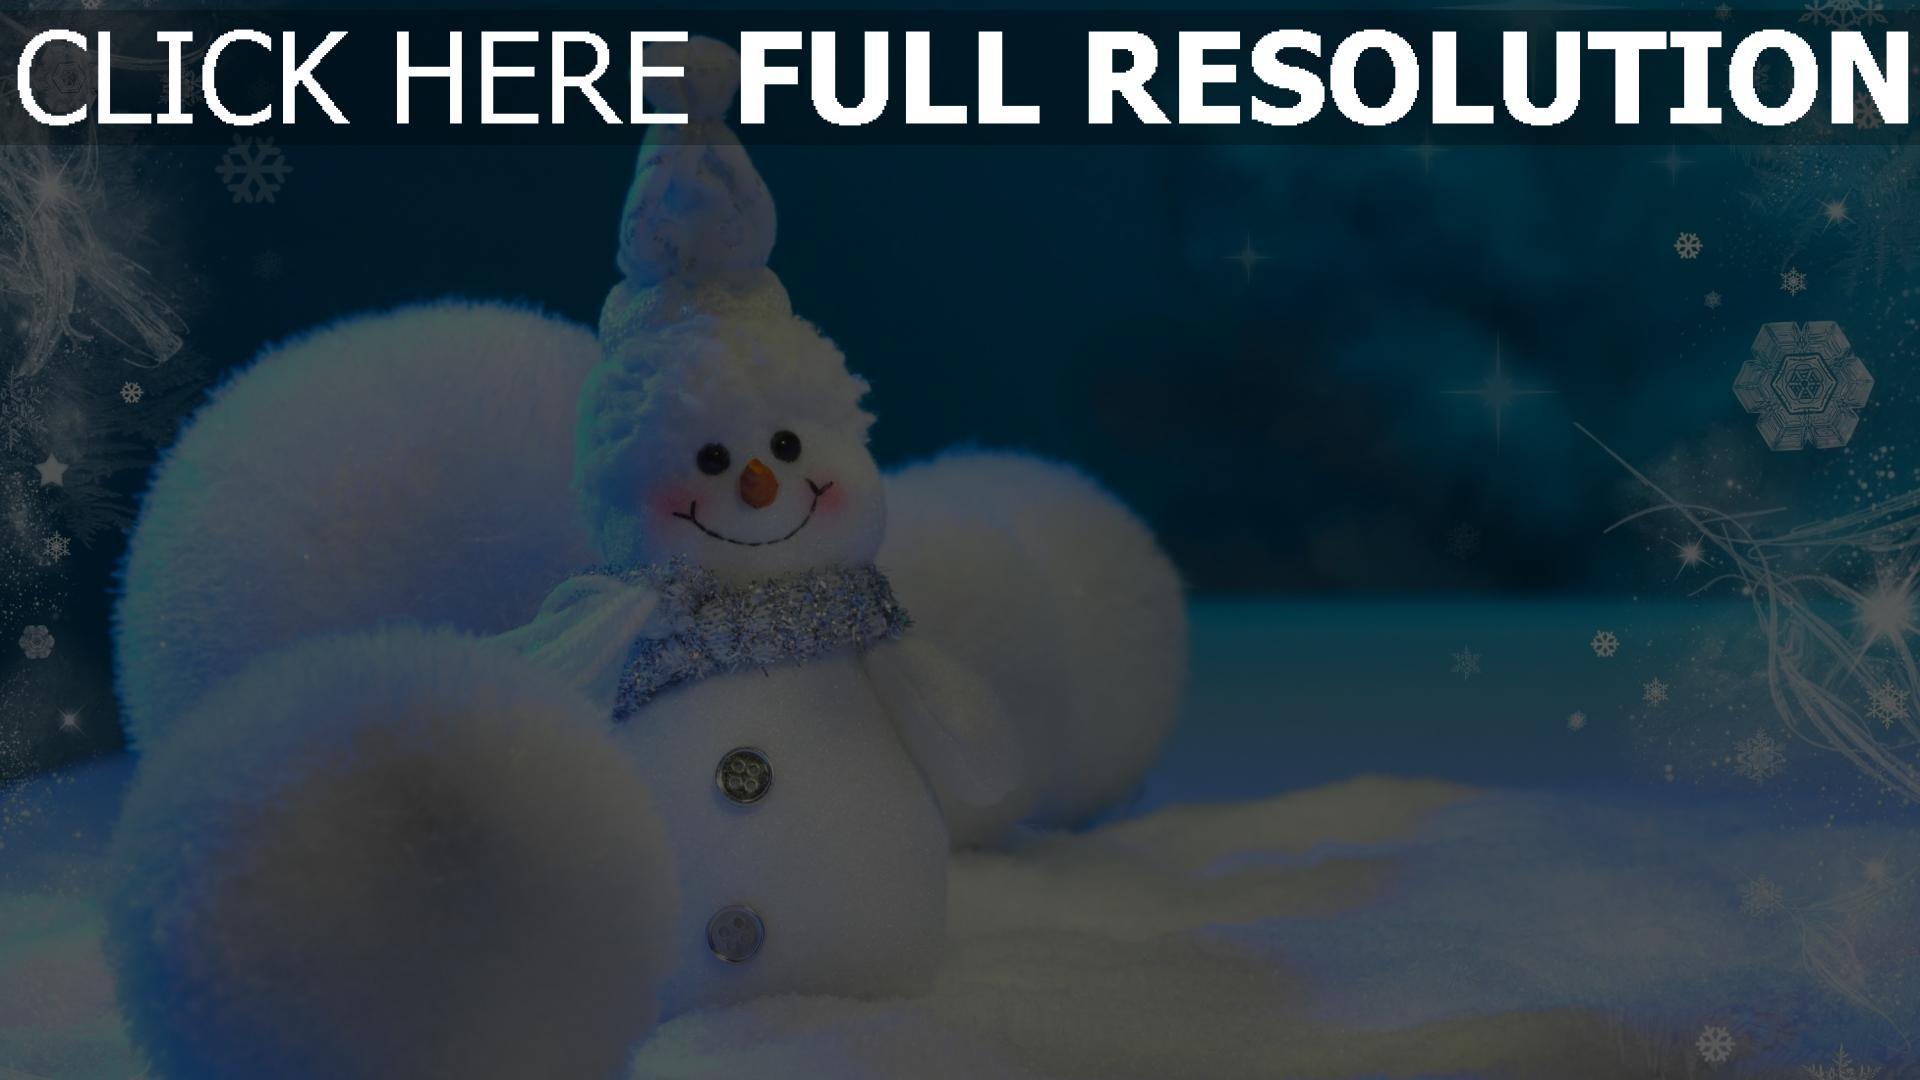 HD Hintergrundbilder schneemann schnee winter neujahr weihnachten ...